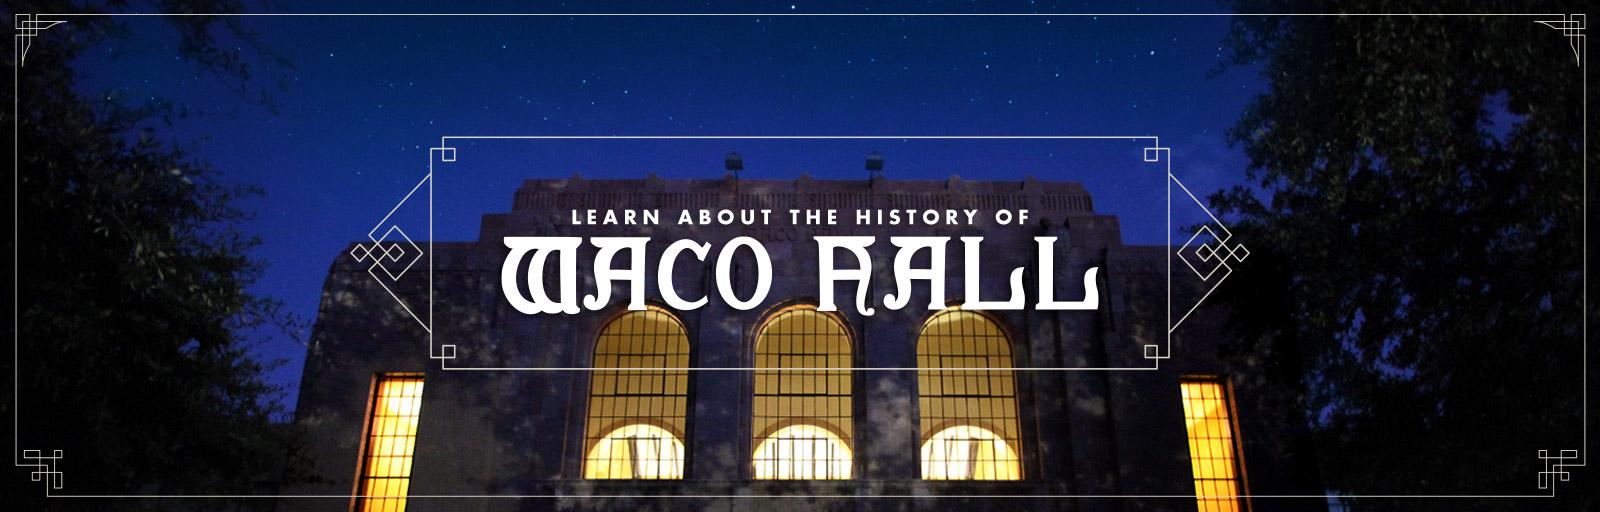 Waco Hall